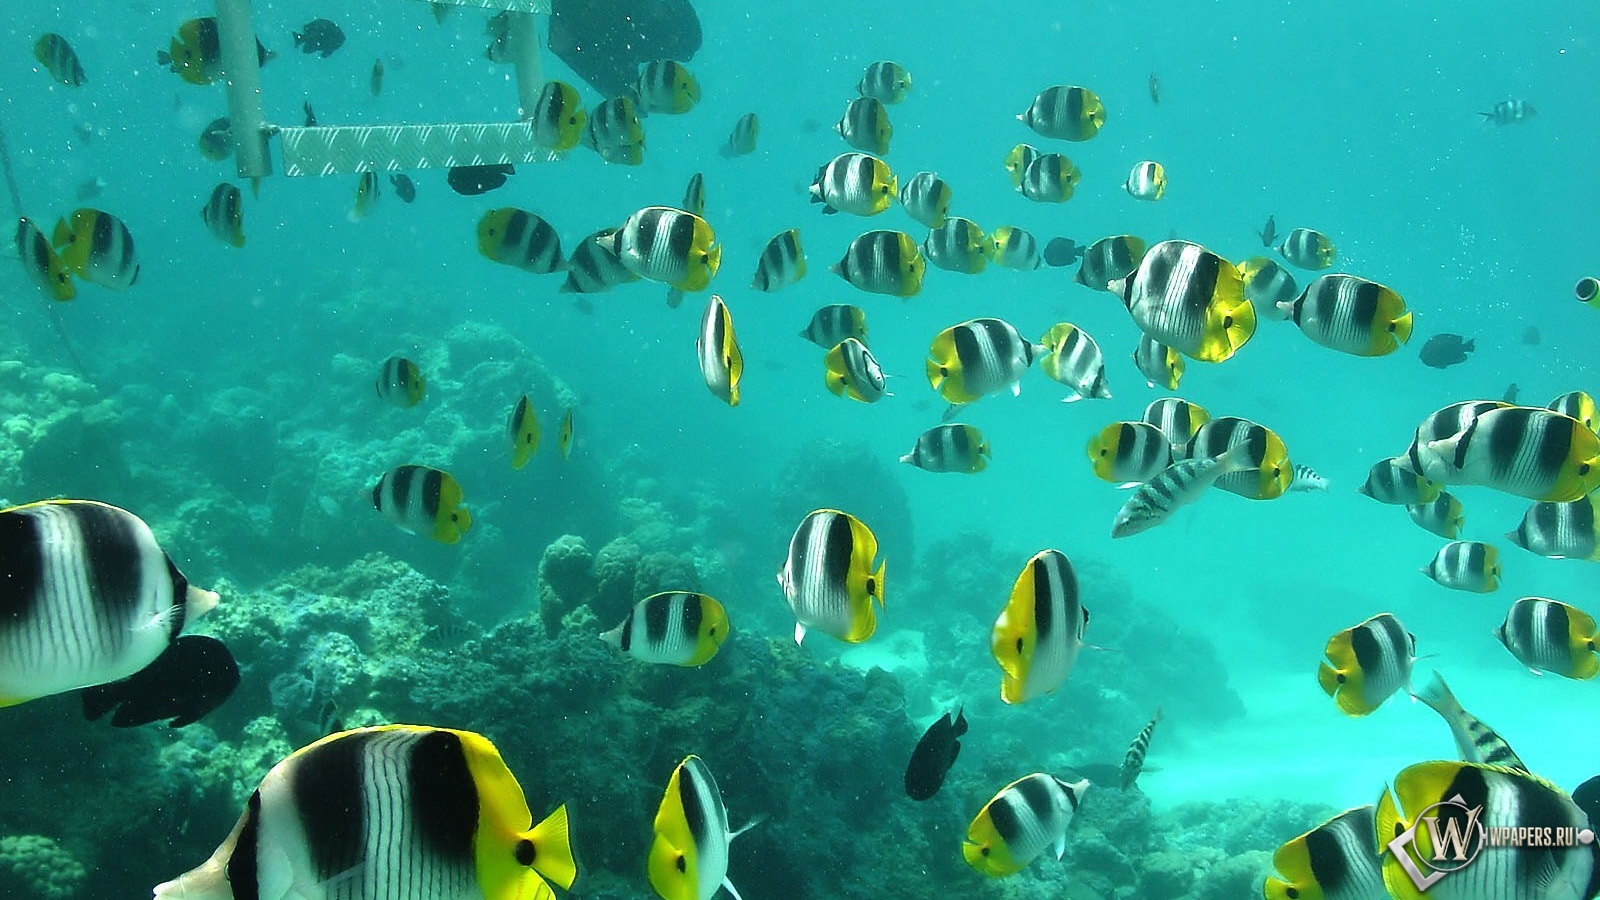 Полосатые рыбки 1600x900